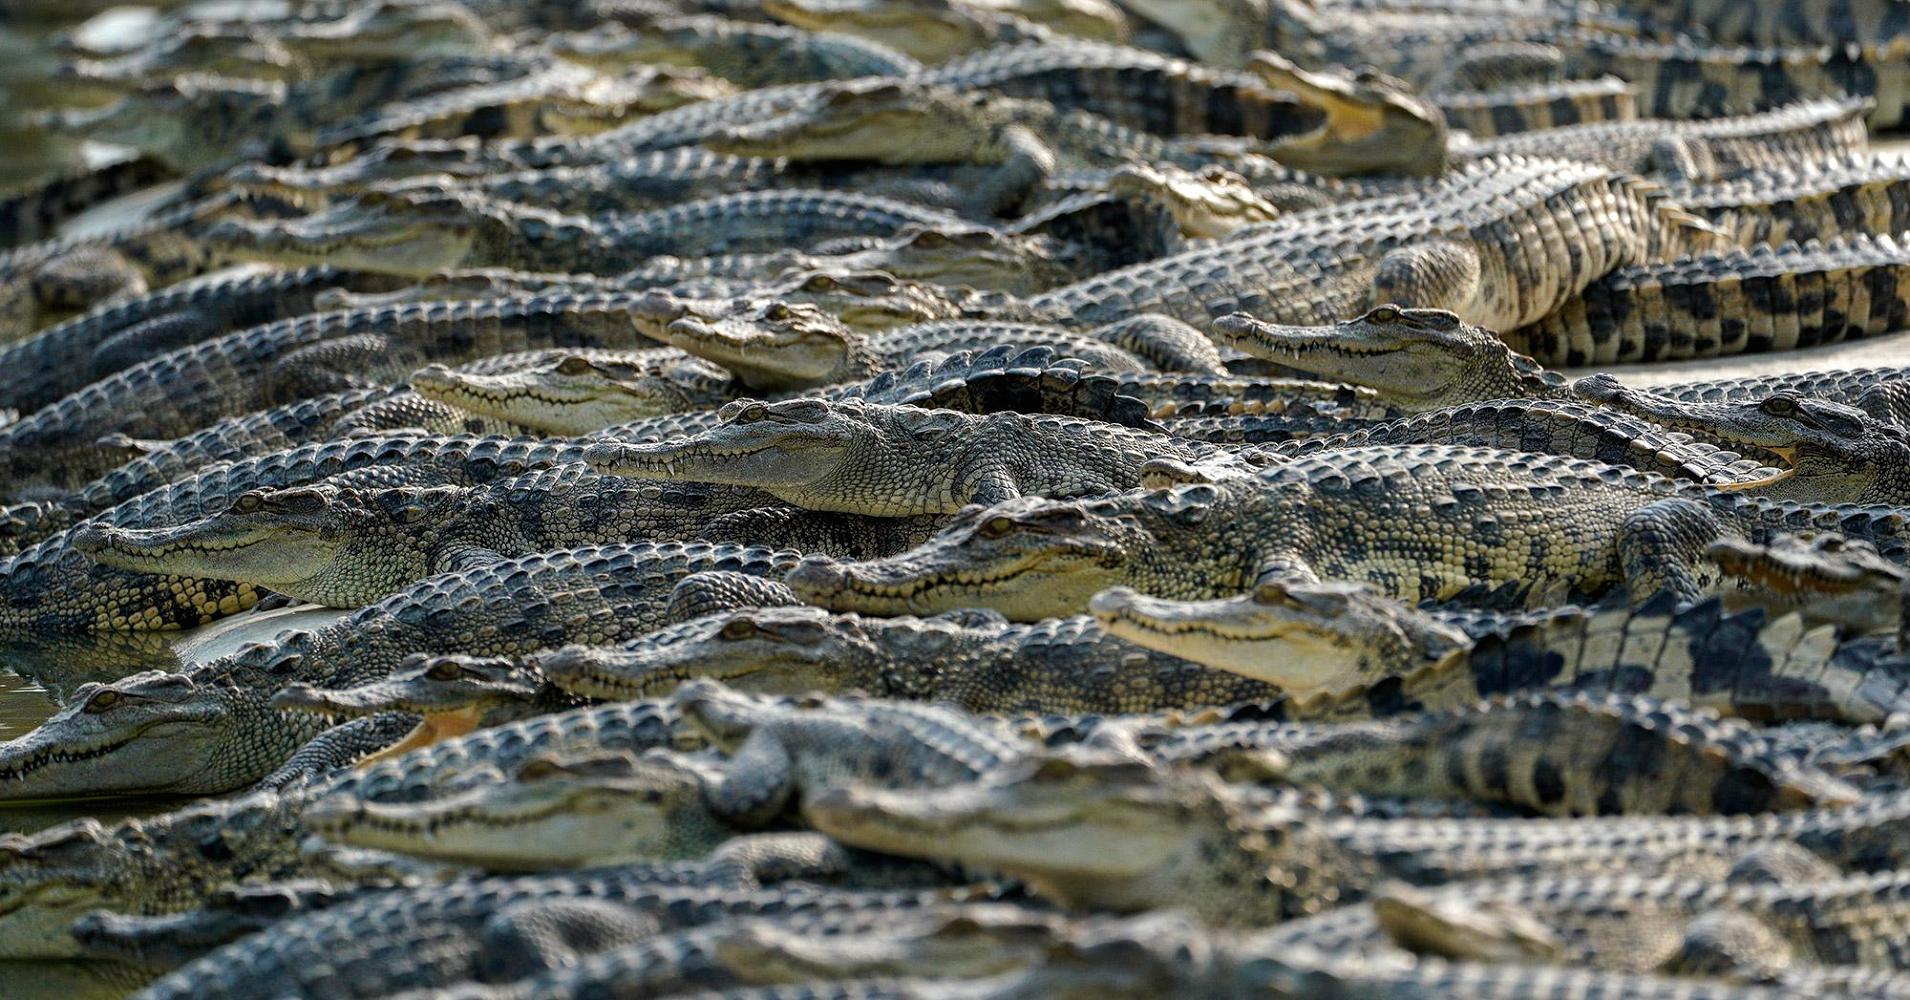 Cảnh nhung nhúc trong trang trại cá sấu lớn nhất Thái Lan - 1